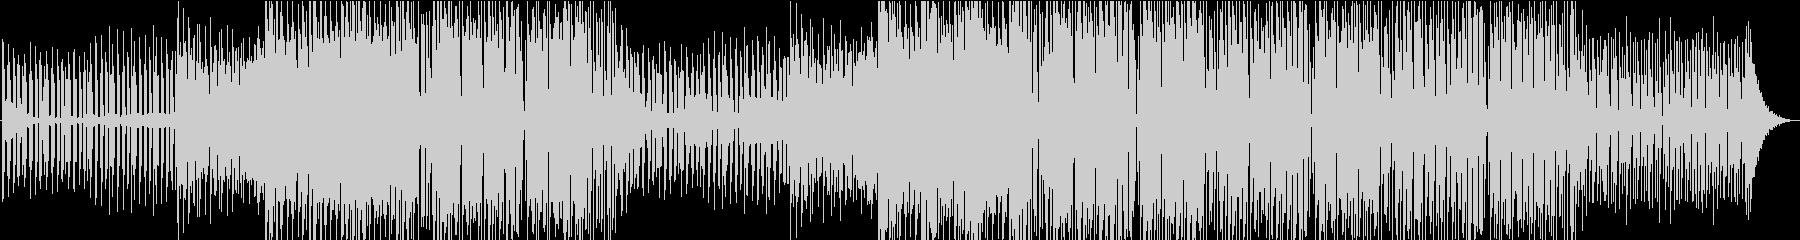 サックスとクールなシンセサウンドを...の未再生の波形